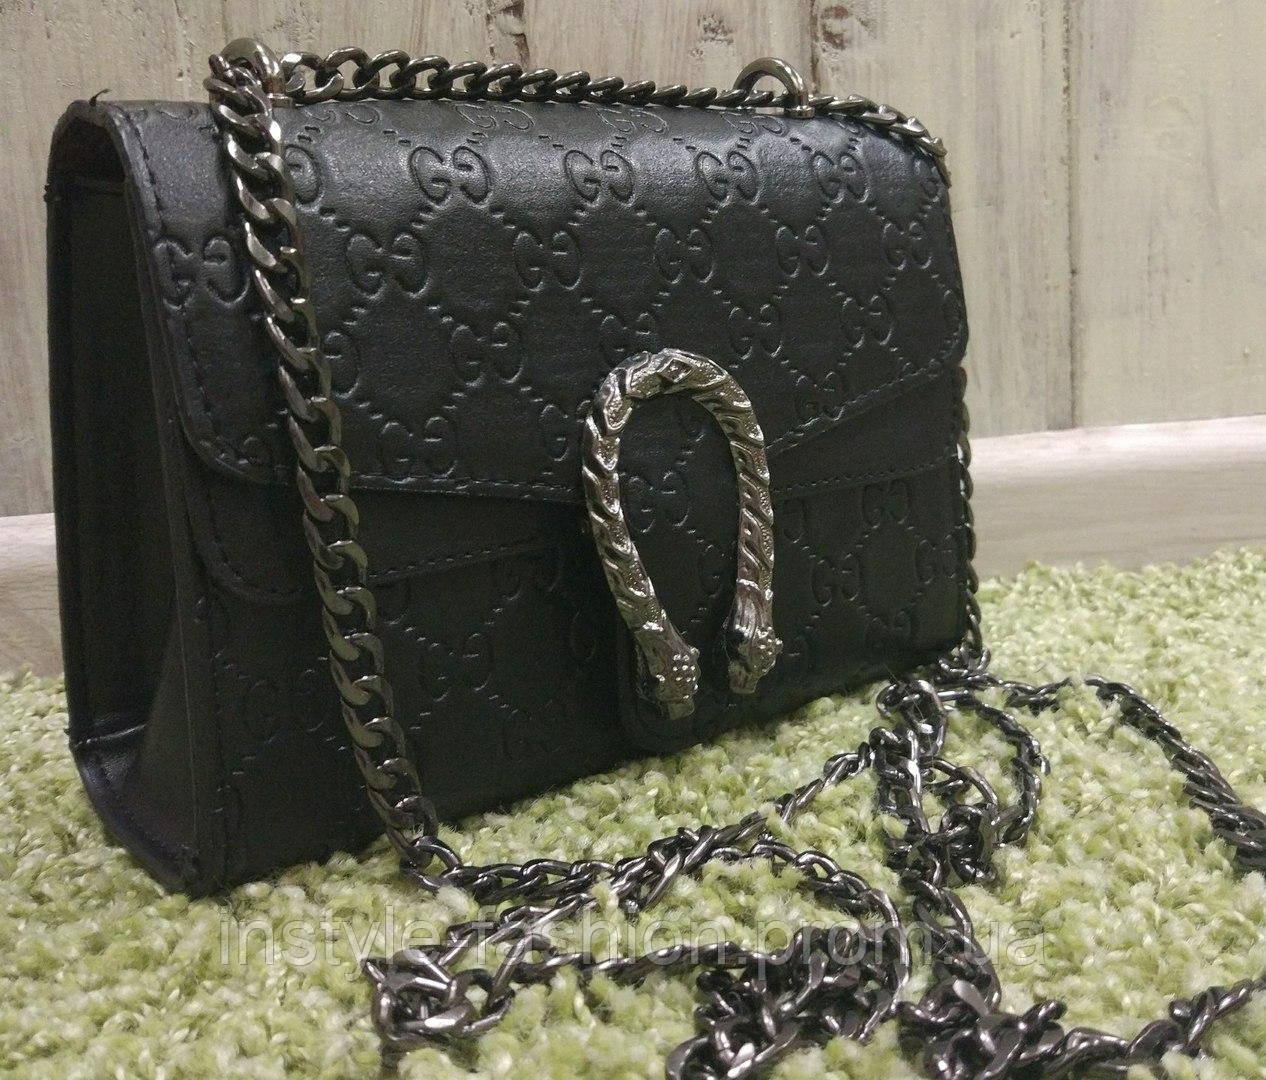 e177033ef68e Сумка клатч через плечо Gucci Гуччи на цепочке черная  купить ...